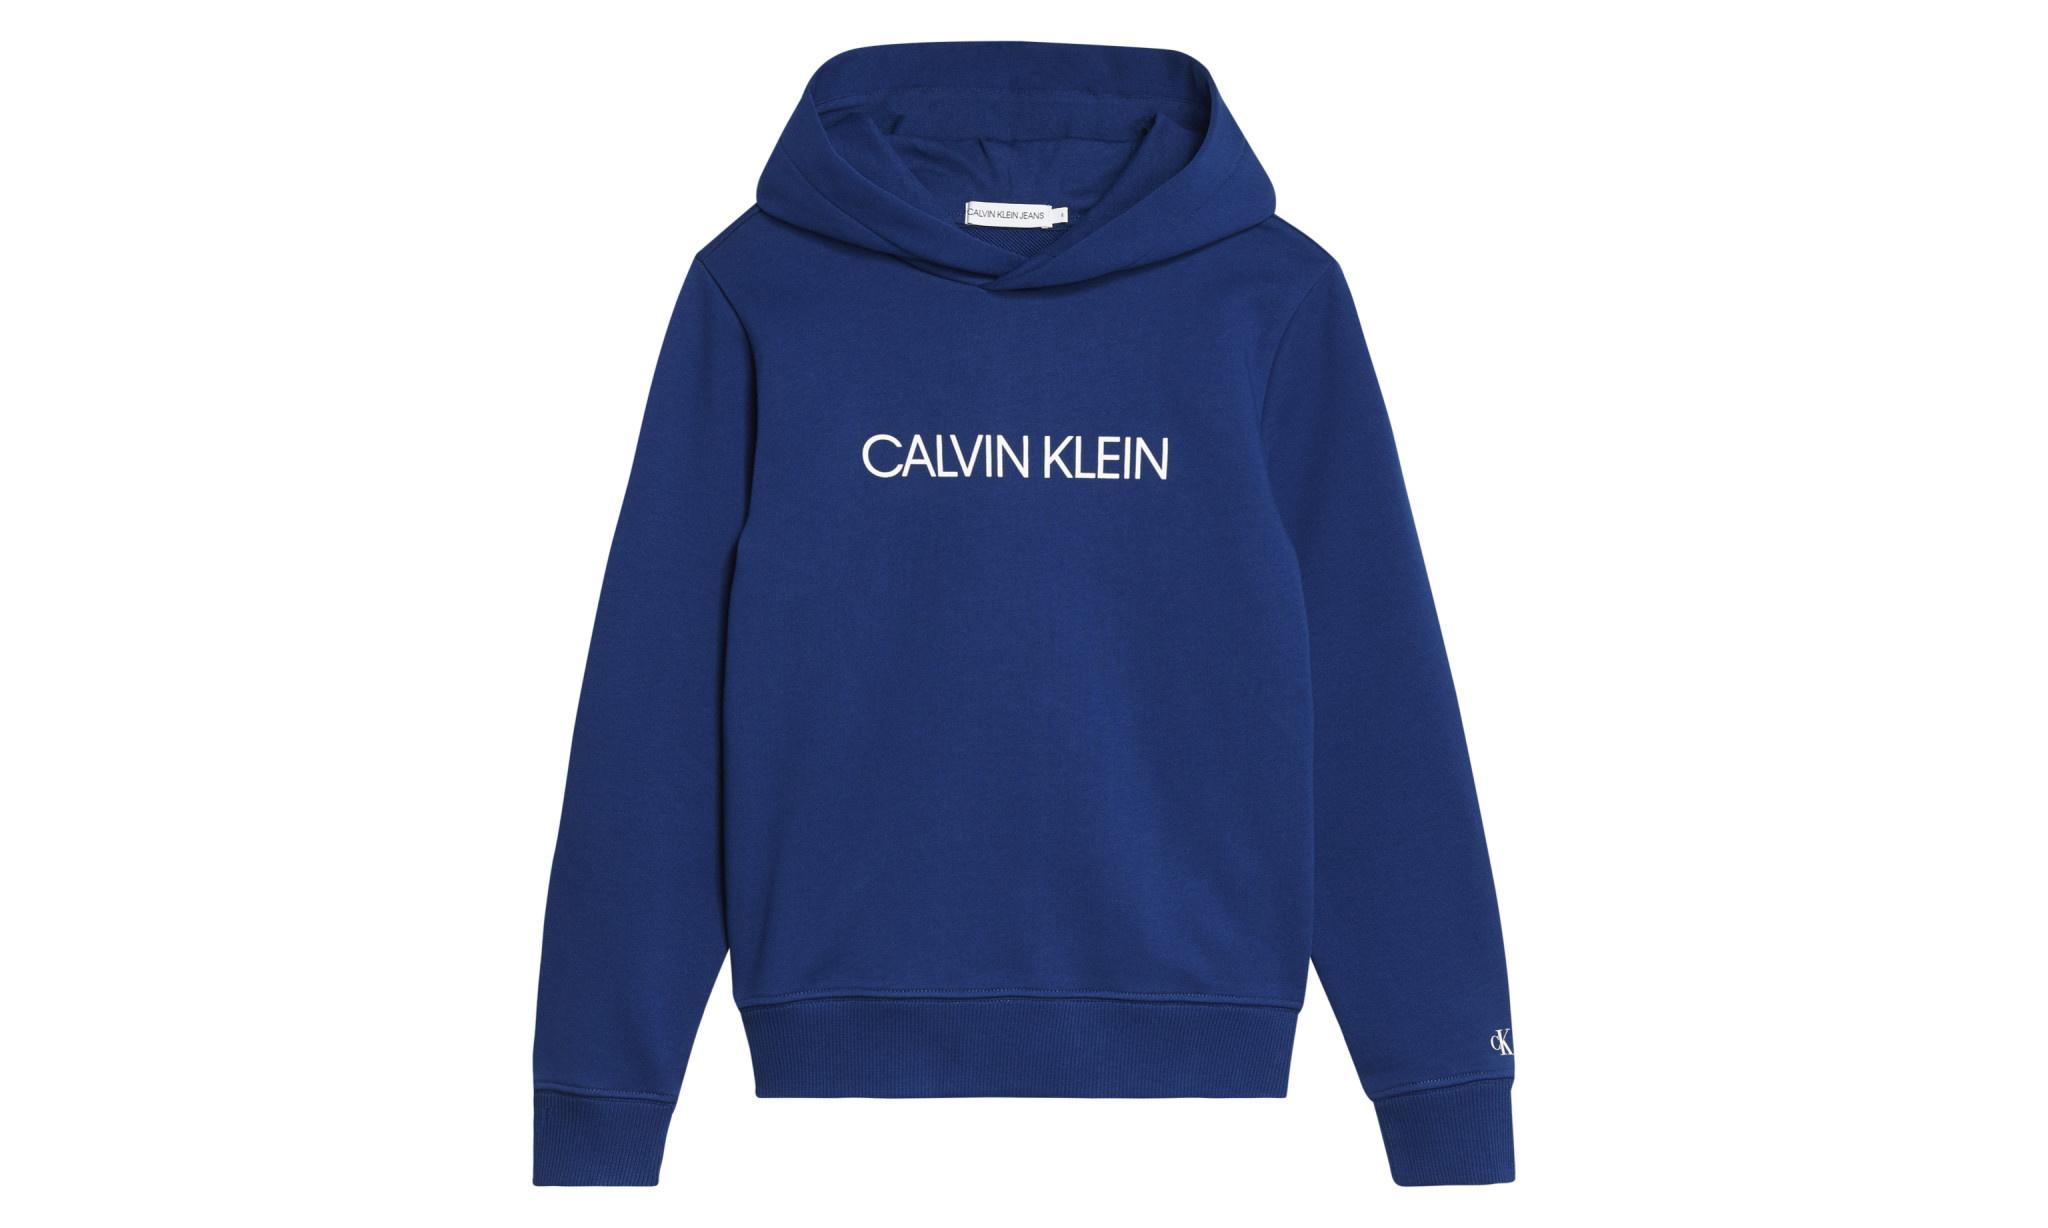 Calvin klein Calvin Klein Hoodie Naval Blue IU0IU00163 S20G